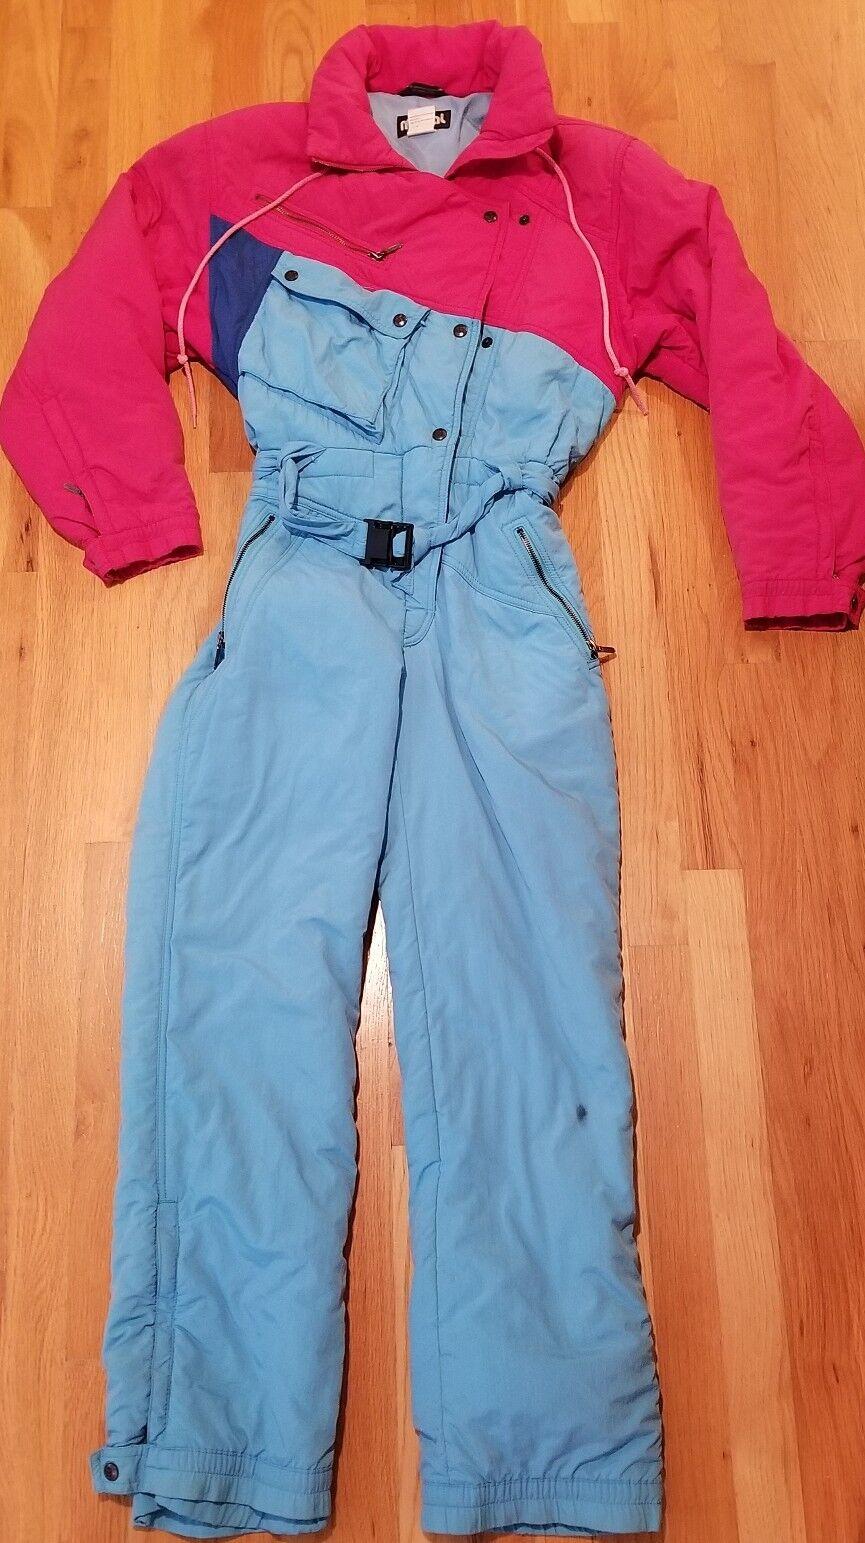 Vintage Mistral Snowsuit Größe 6 Blau Blau 6 ROT 1990s 1980s retro no problems c9b224